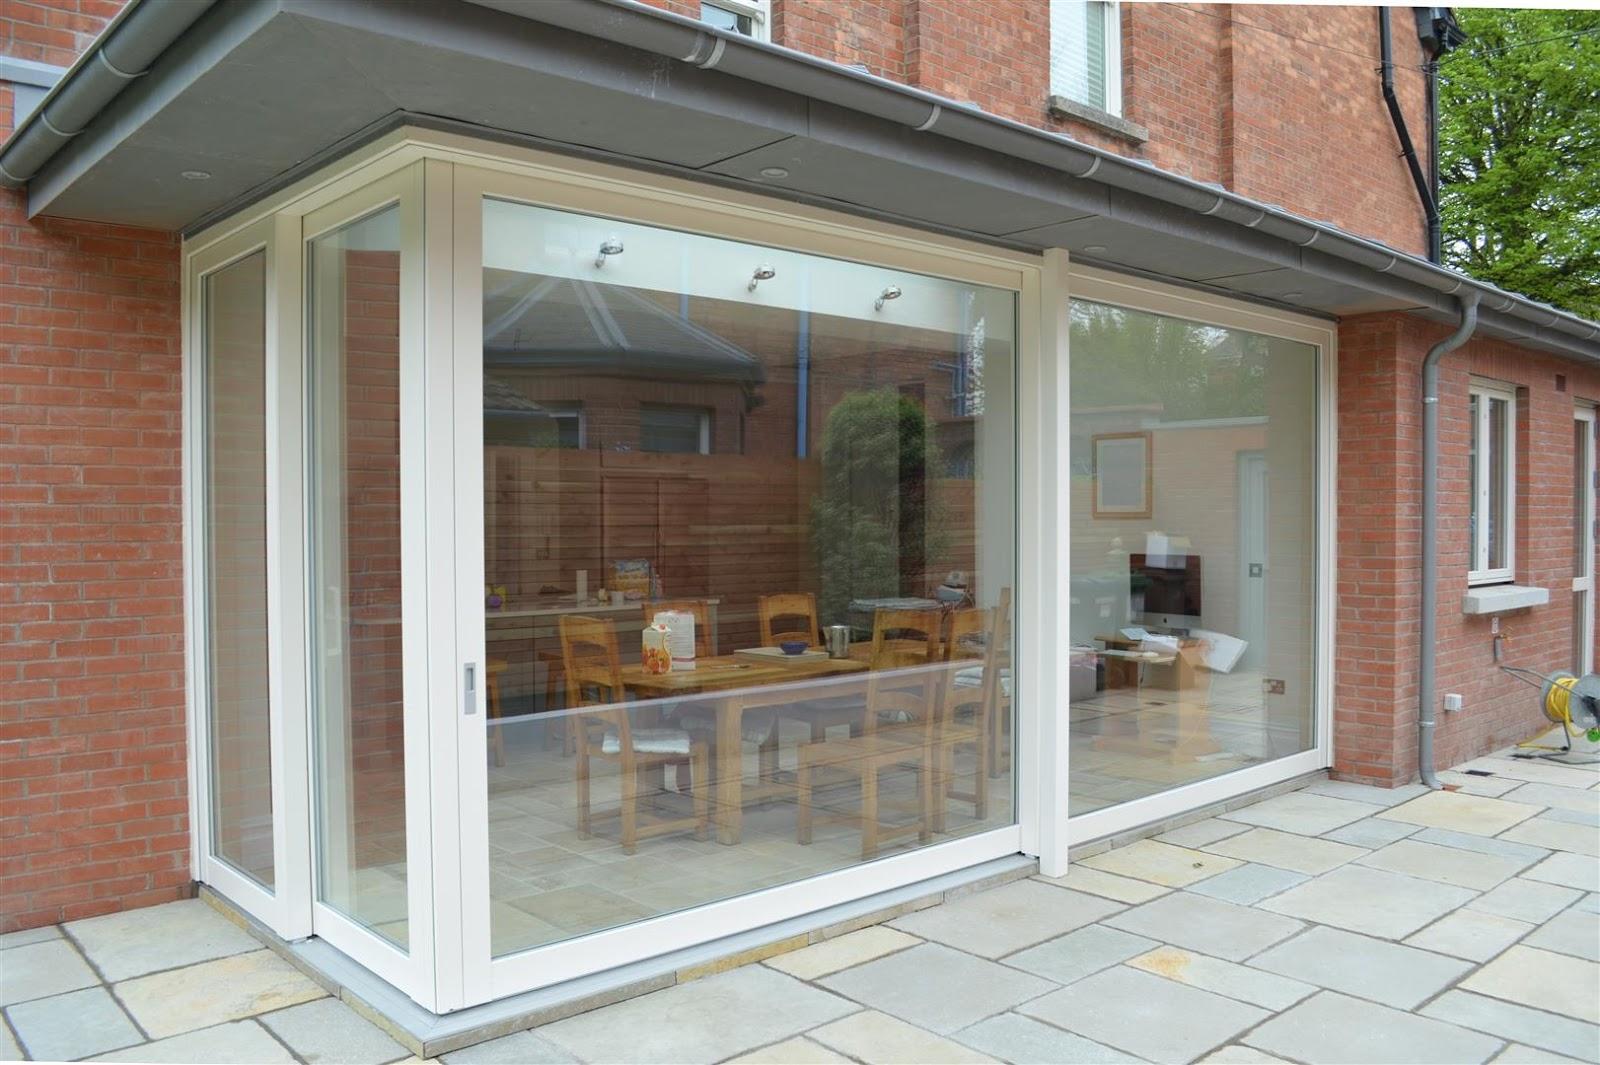 Harmon vinduer windows and doors harmon vinduer windows for Sliding glass doors germany